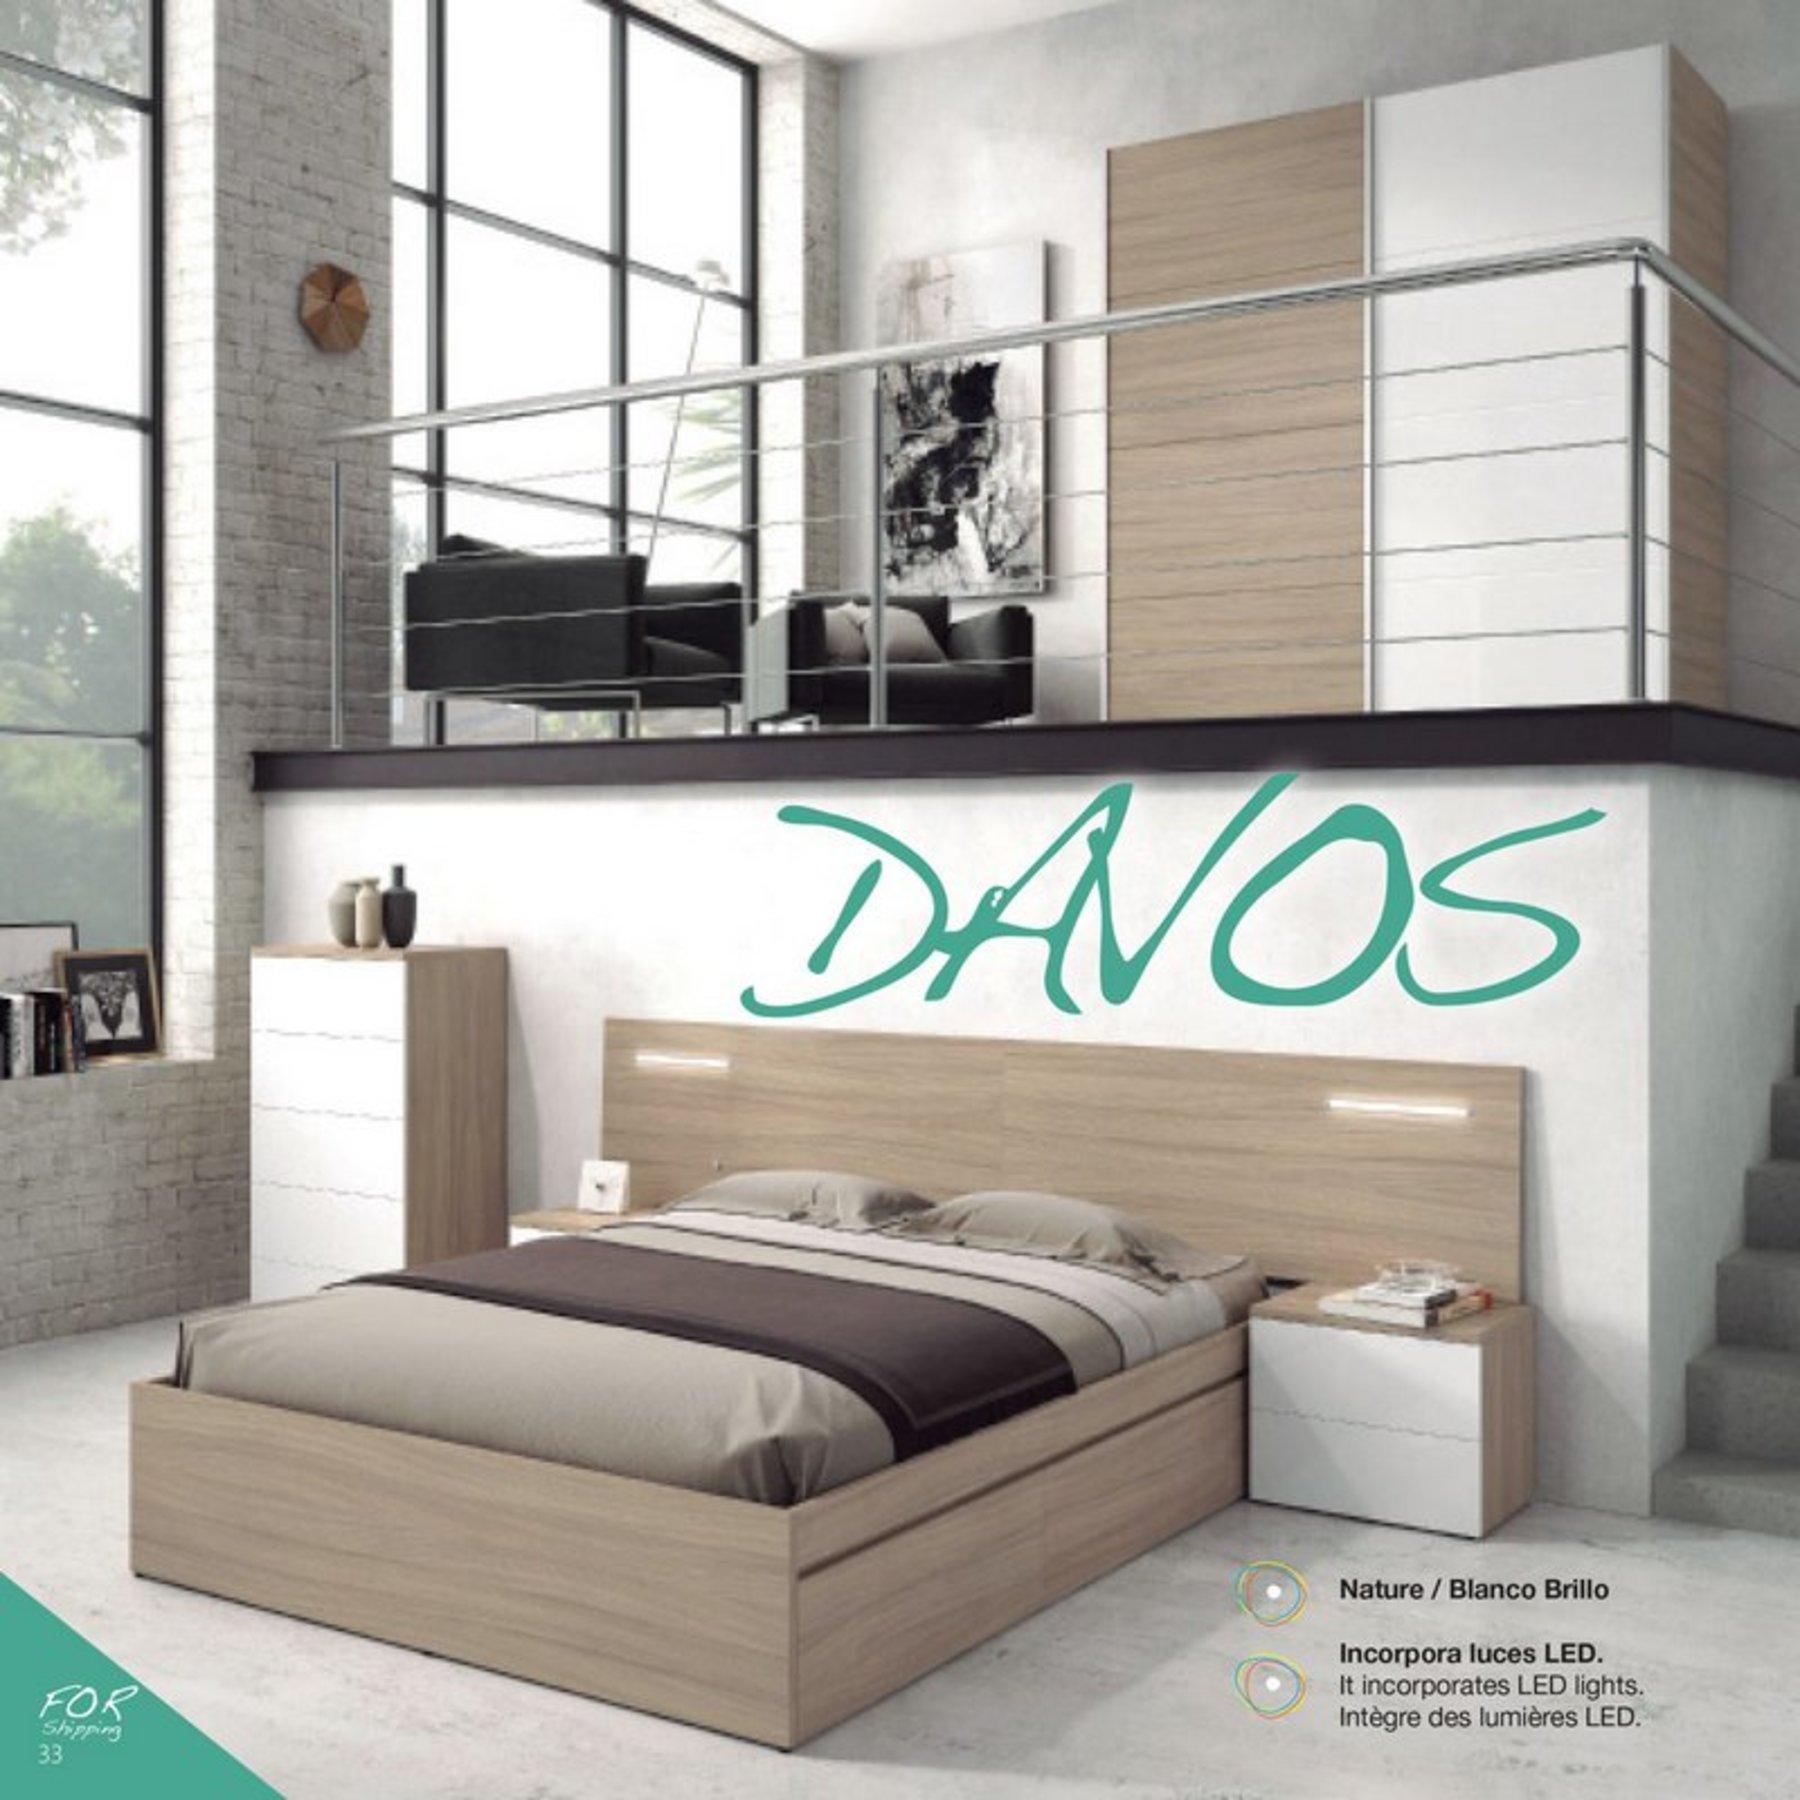 Dormitorio Davos